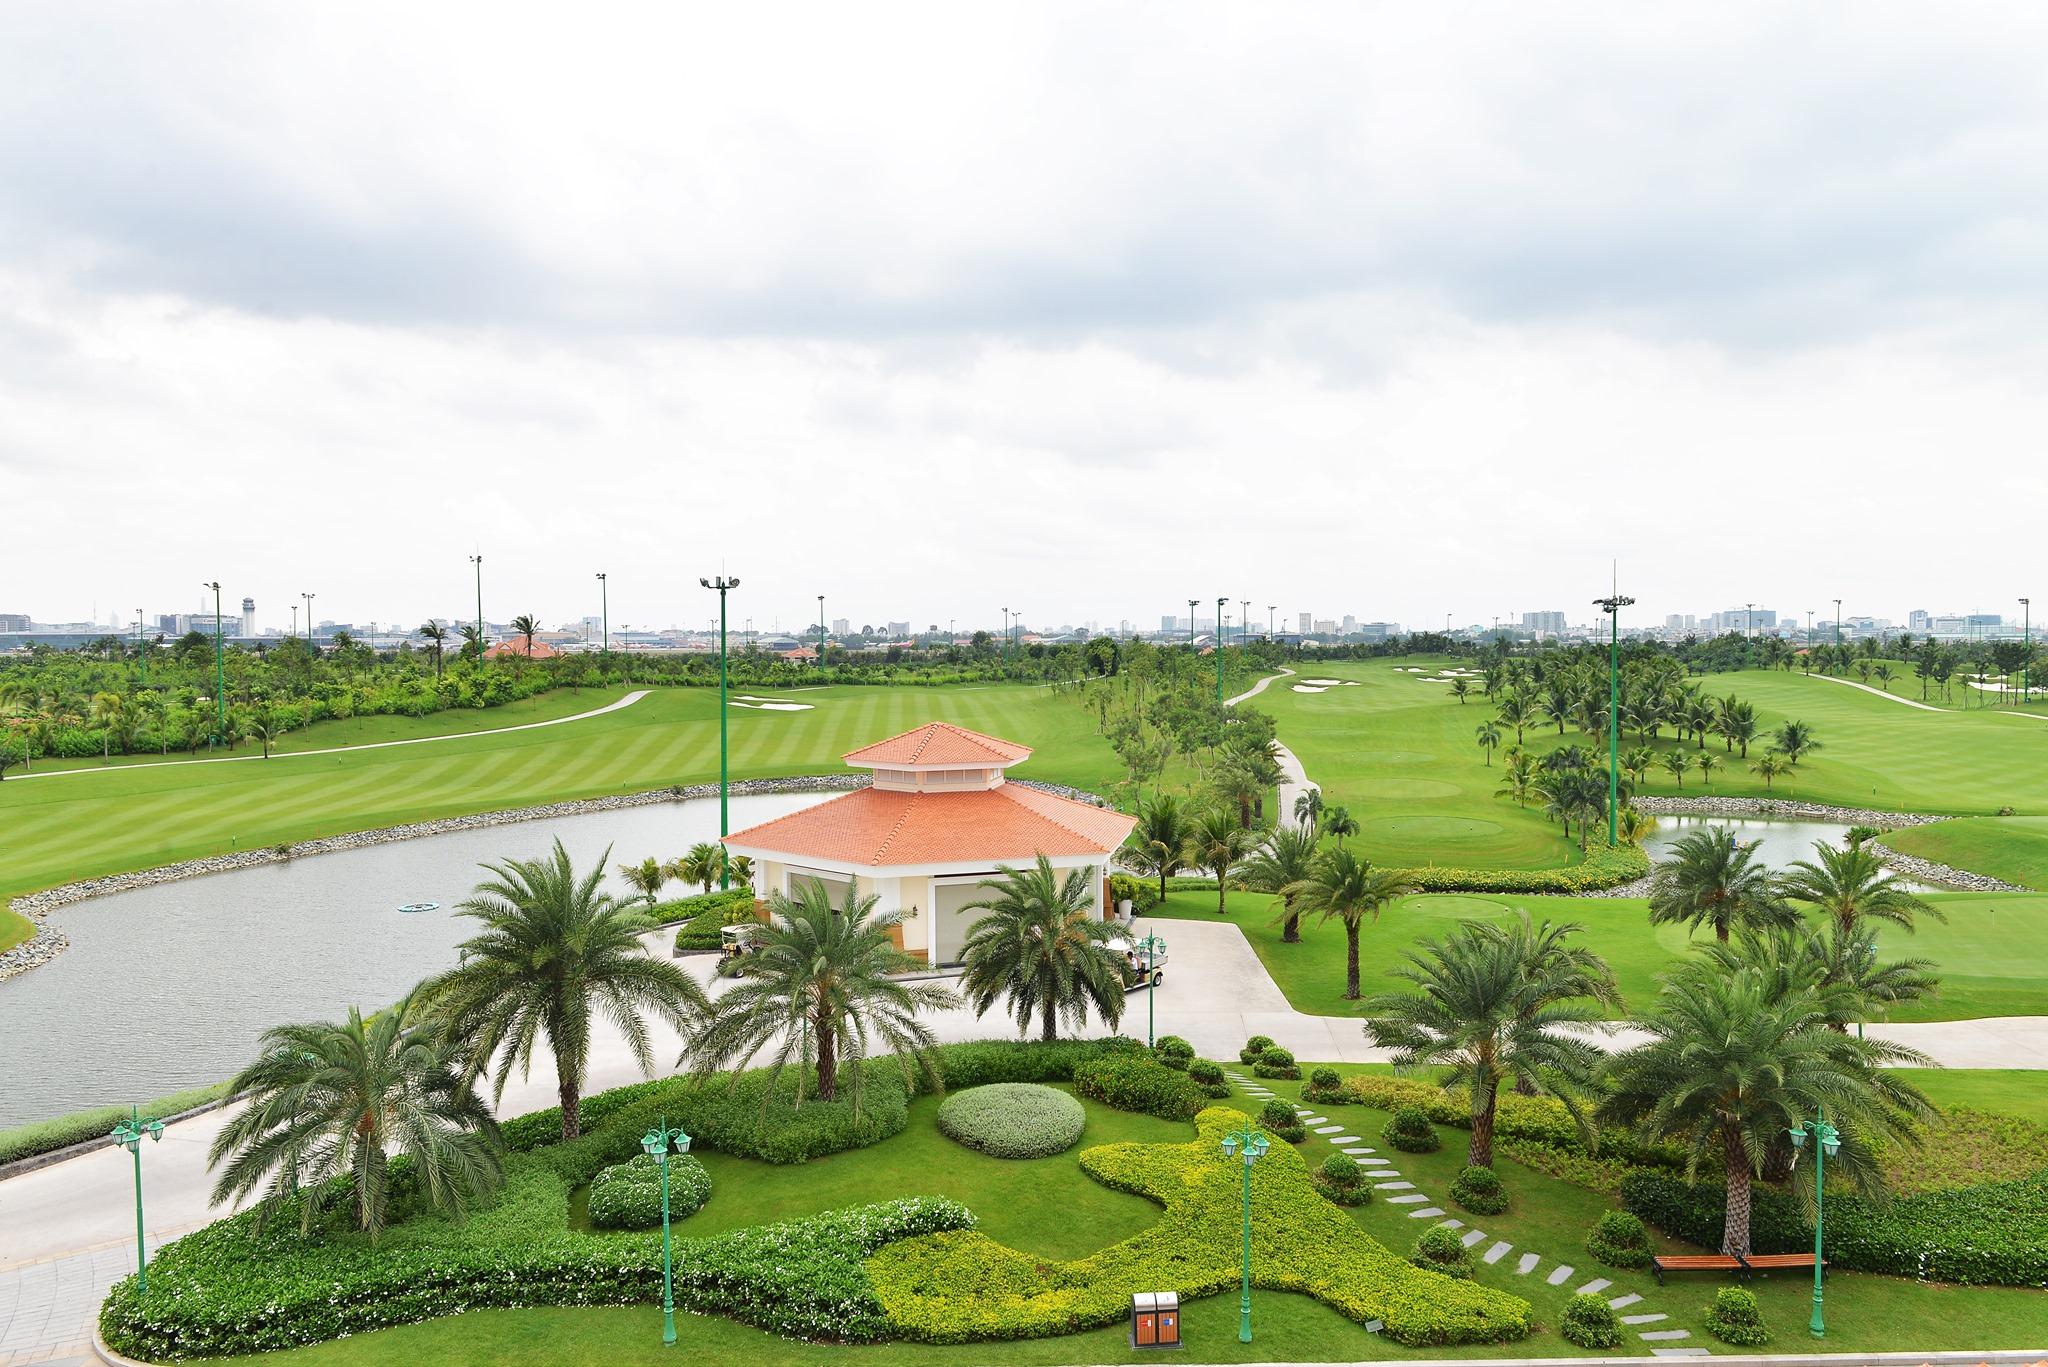 Tổng quan sân golf Tân Sơn Nhất. Hình: Sưu tầm